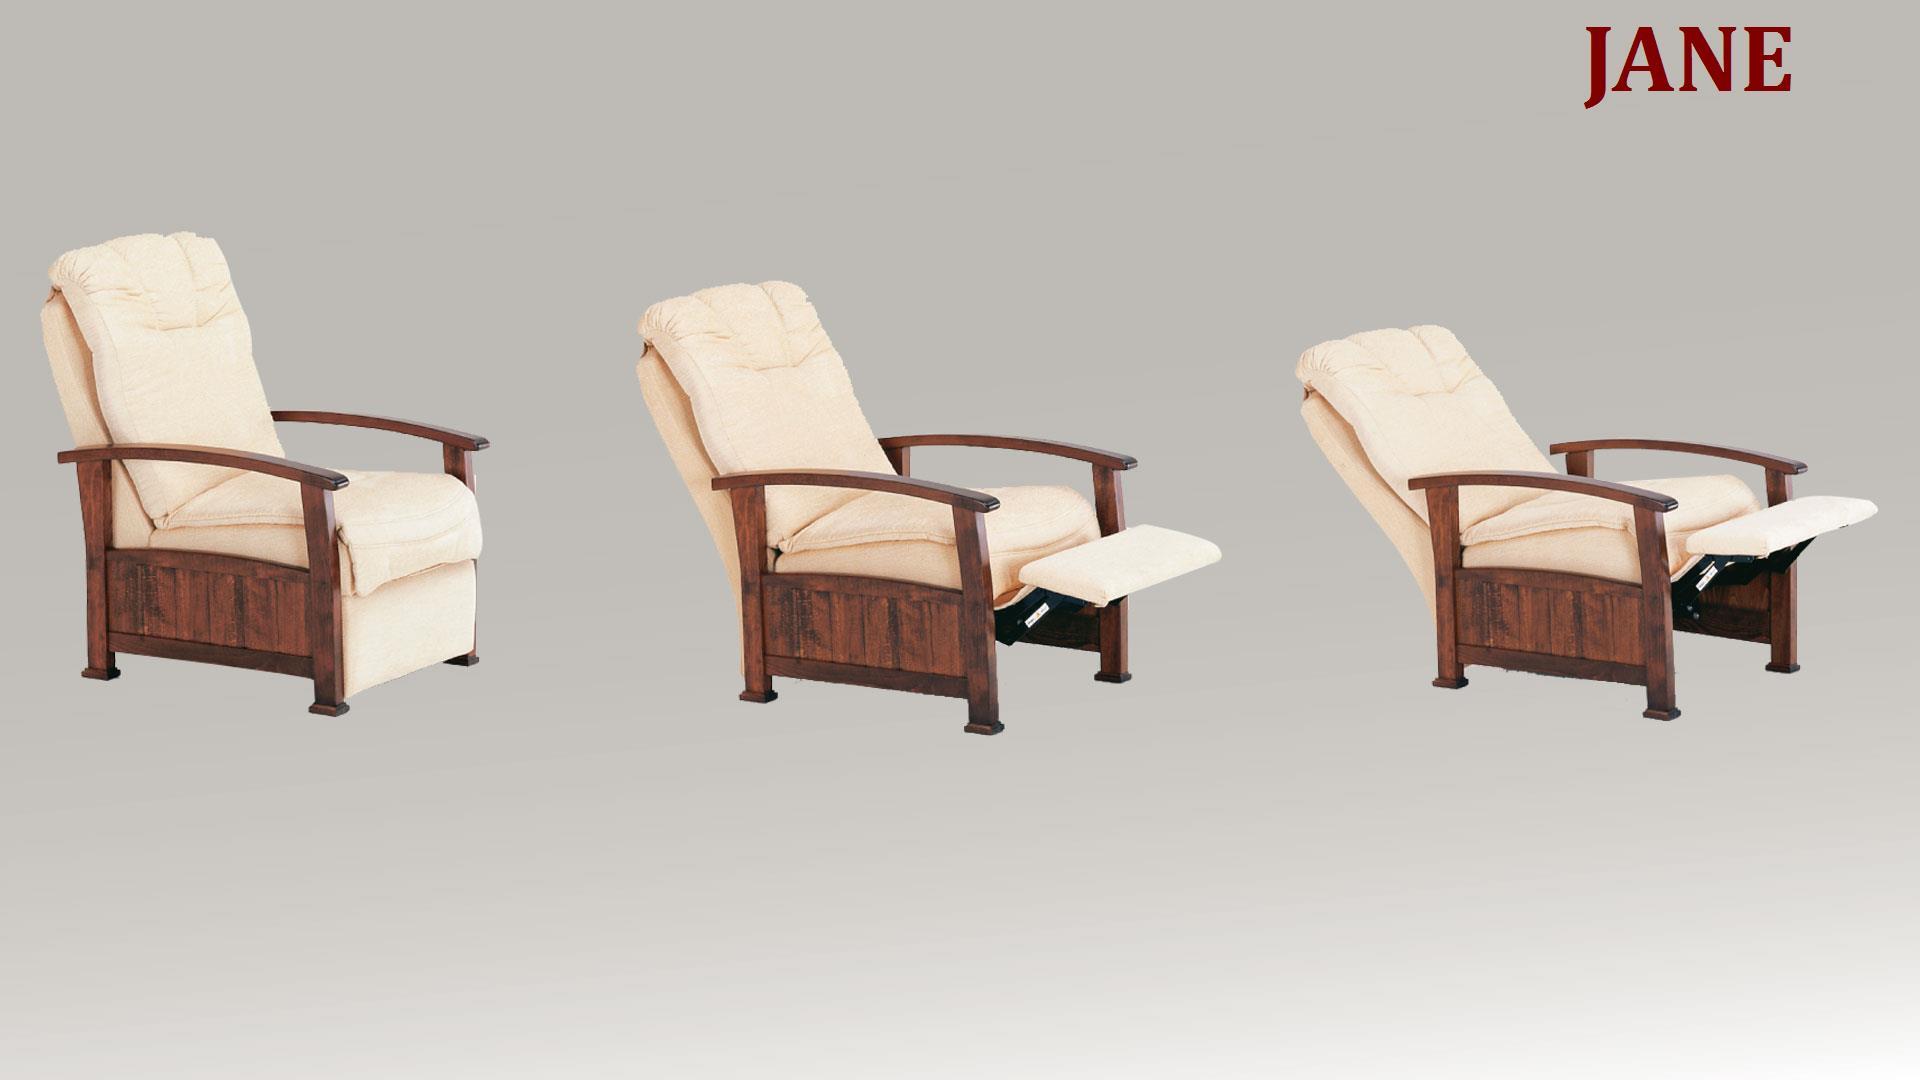 Poltrona relax arte povera modello jane arredo casa fvg for Poltrone relax in legno